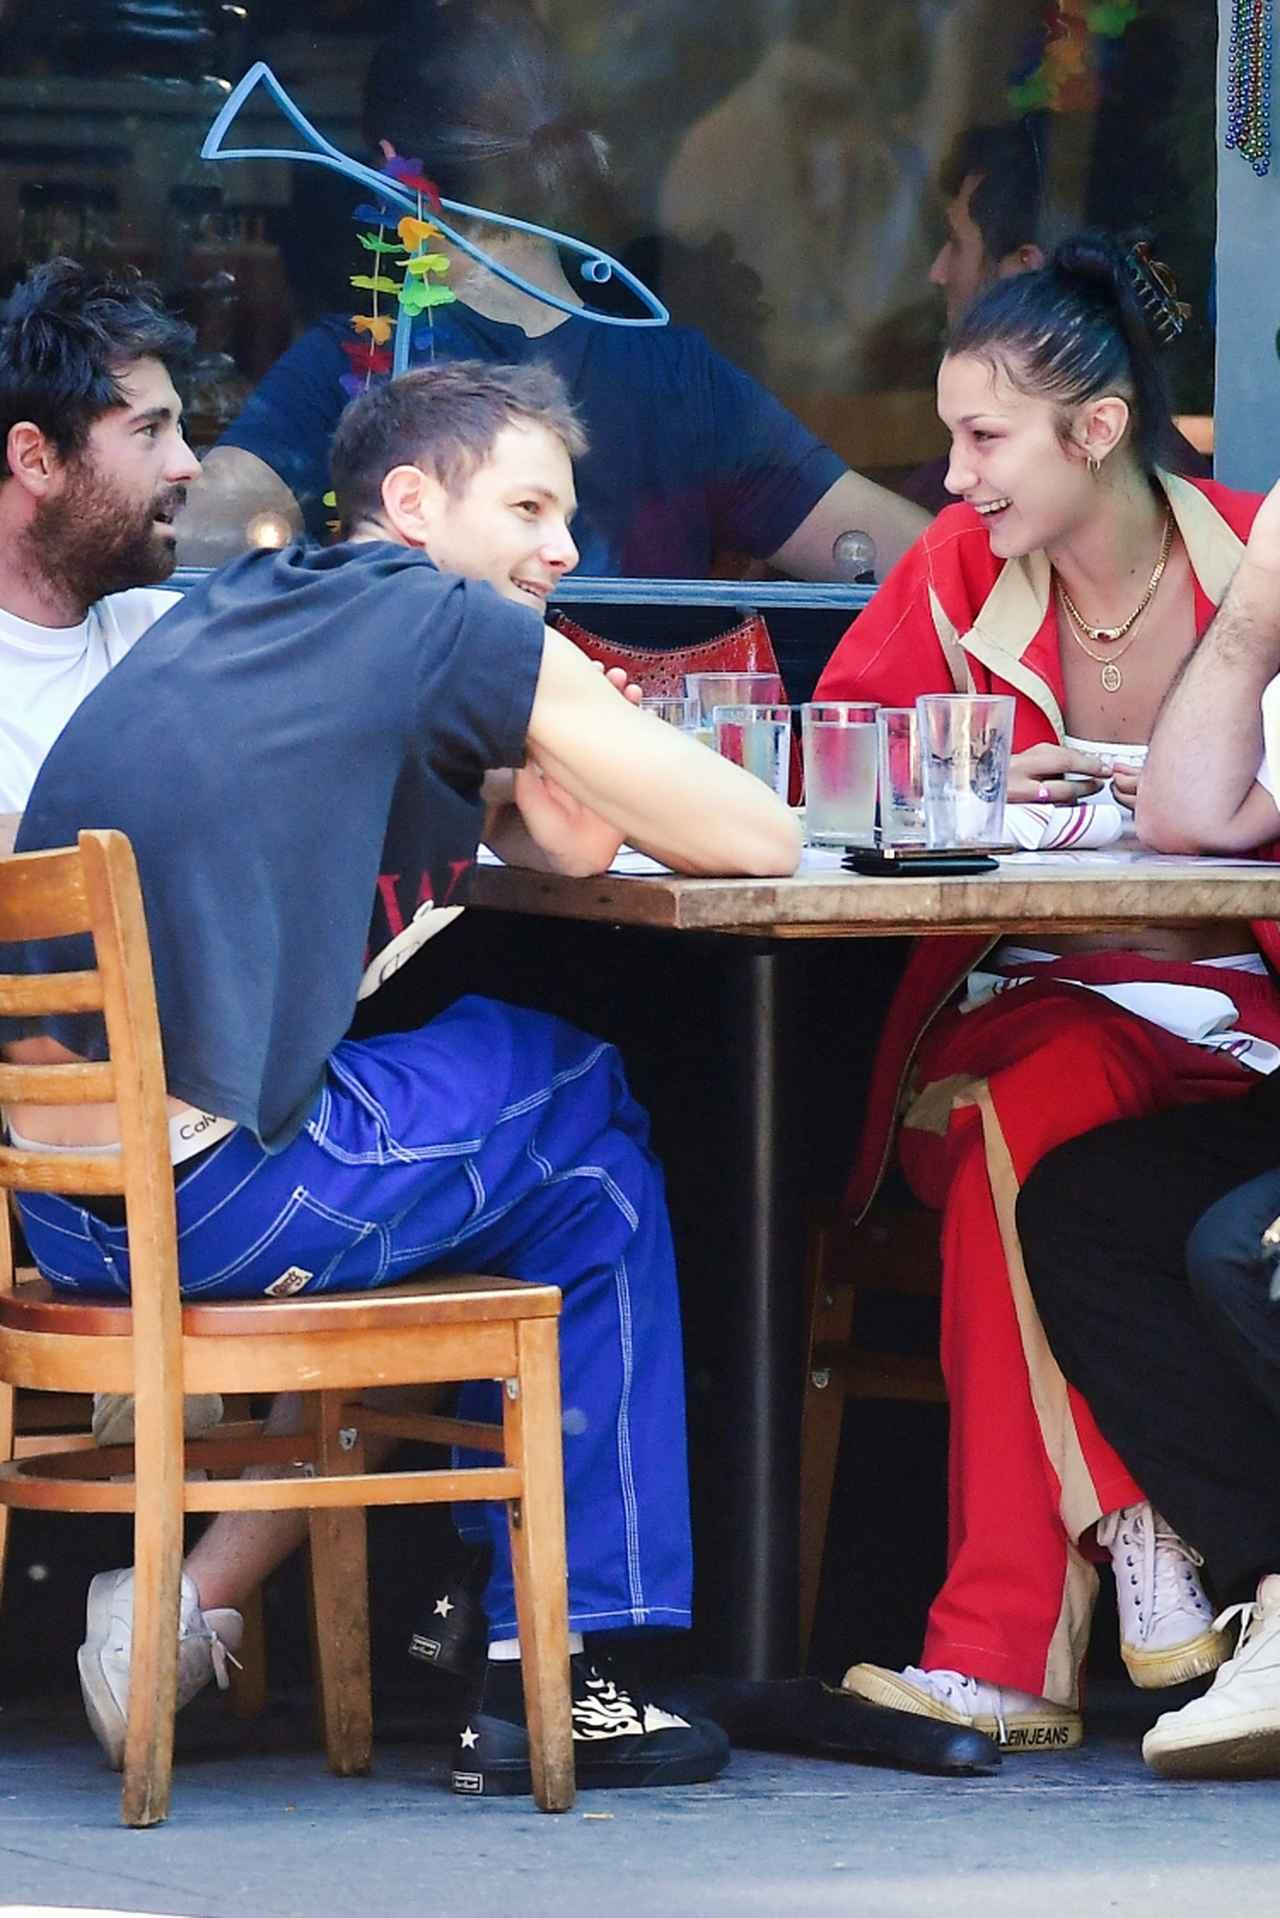 画像: ニューヨークのレストランで男友達2人と過ごすベラとマーク(手前のブルーのパンツの男性)。